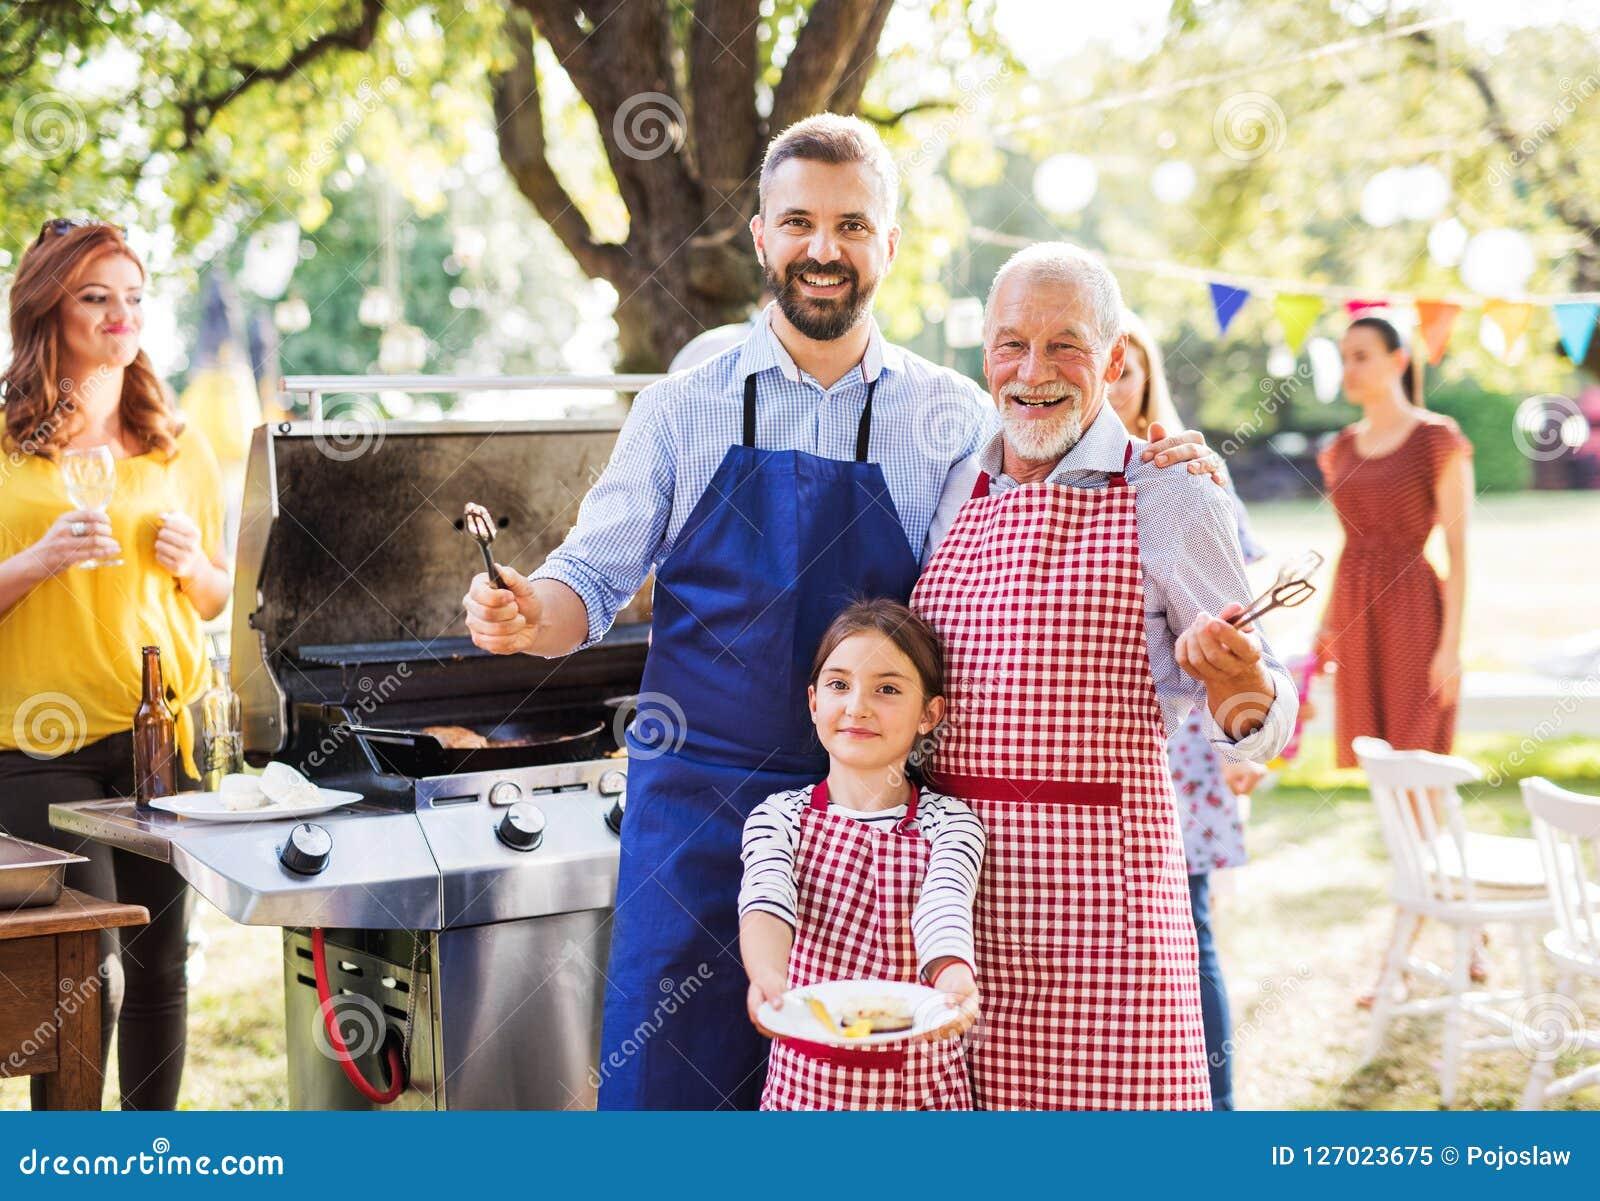 Dojrzały mężczyzna z rodziną i przyjaciółmi gotuje jedzenie na grilla przyjęciu